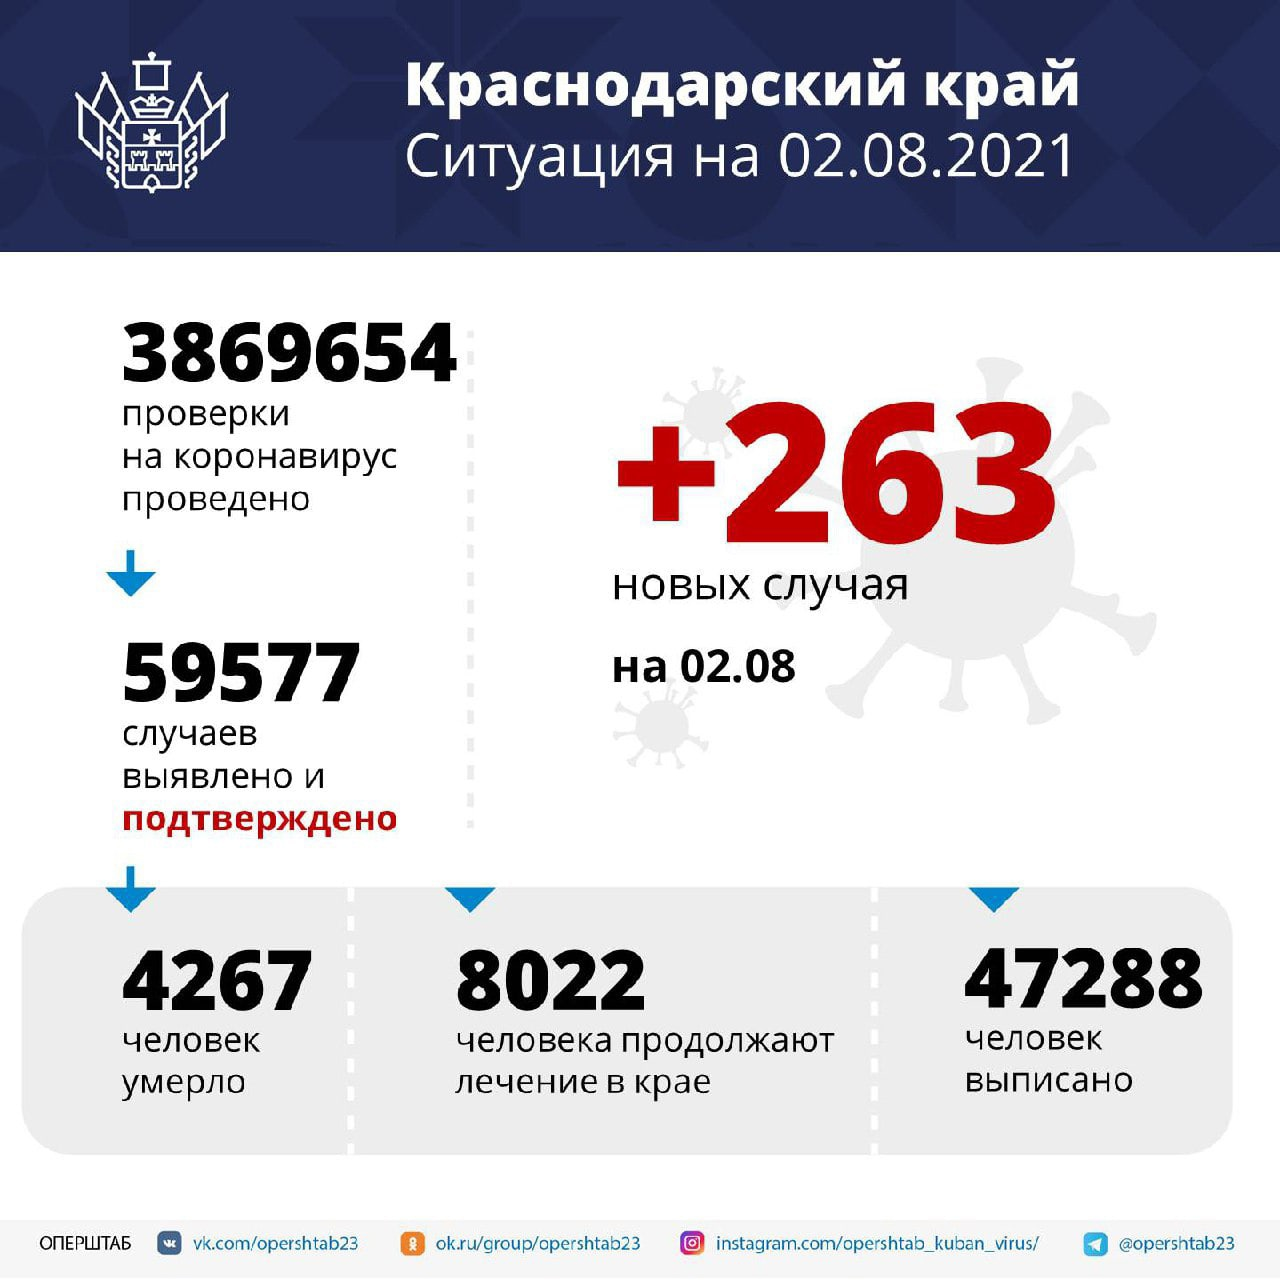 На Кубани за сутки подтвердили 263 новых случая...